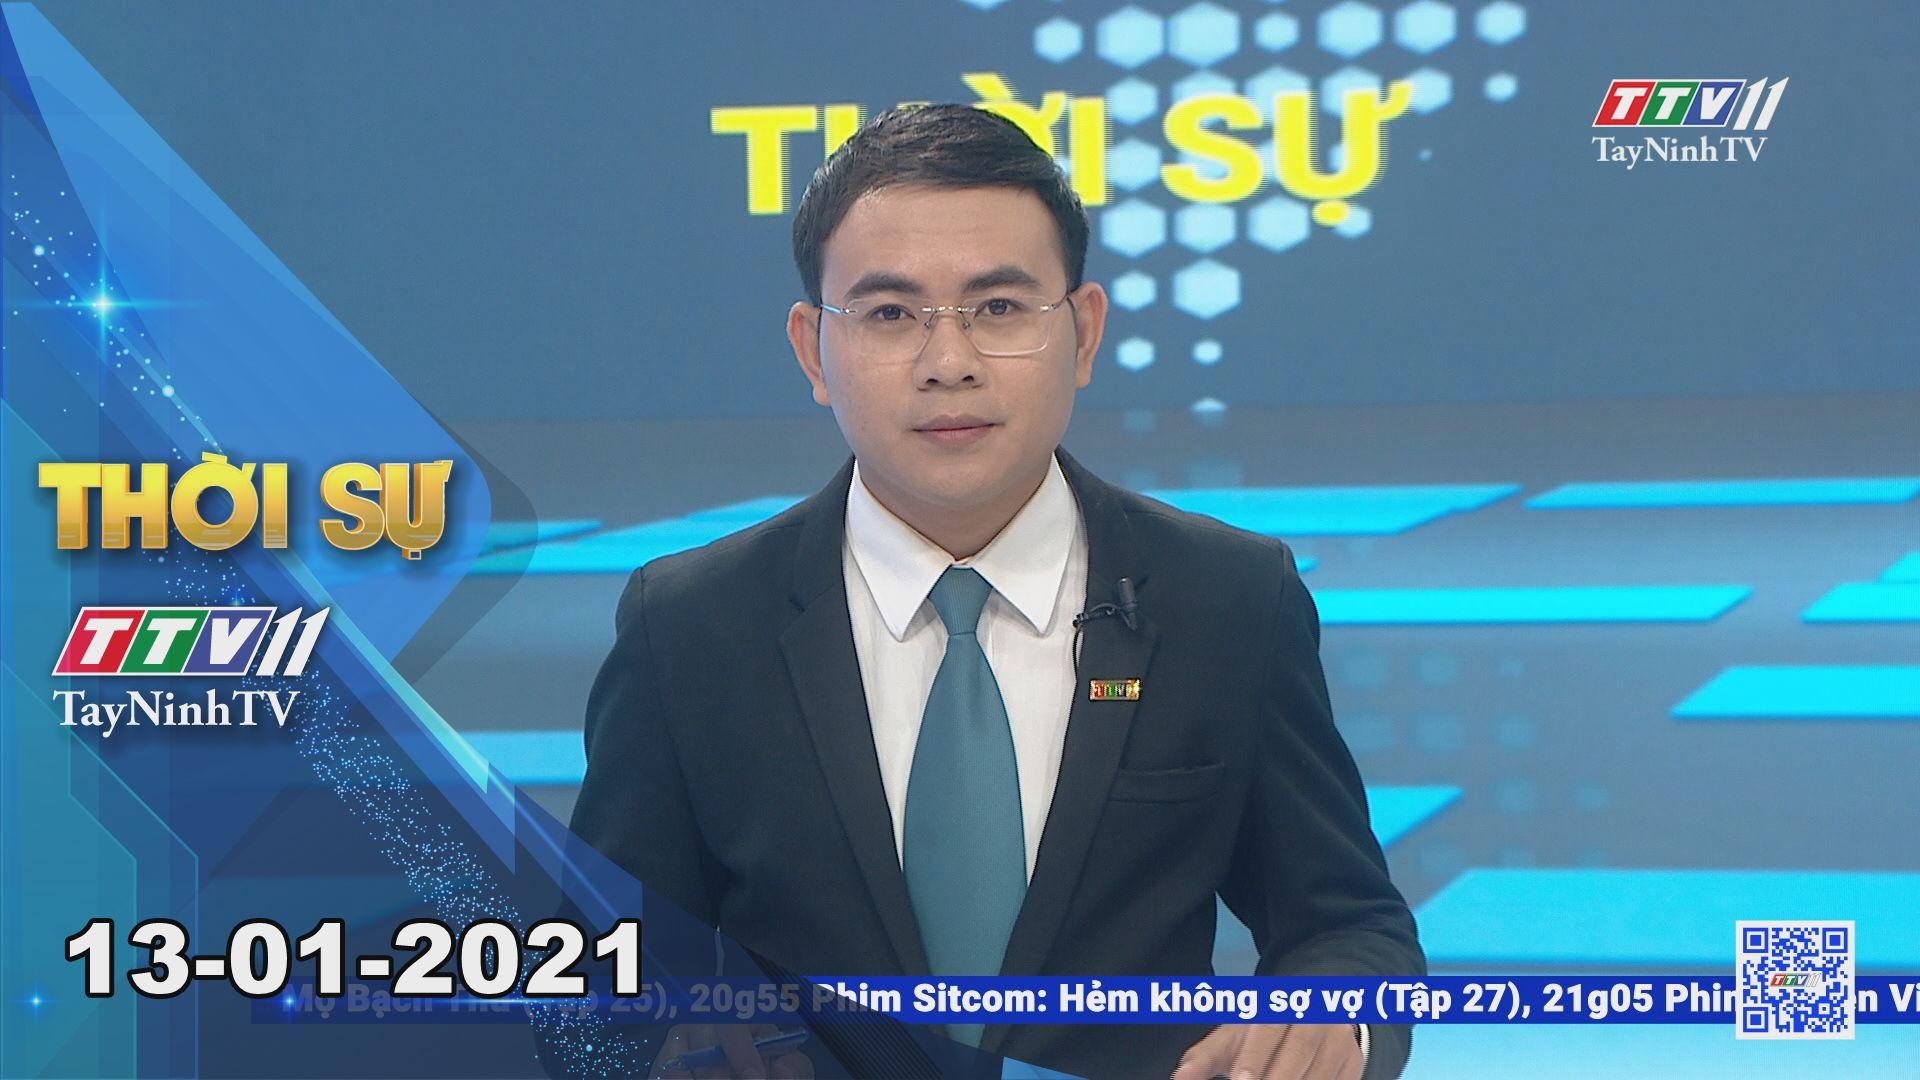 Thời sự Tây Ninh 13-01-2021 | Tin tức hôm nay | TayNinhTV